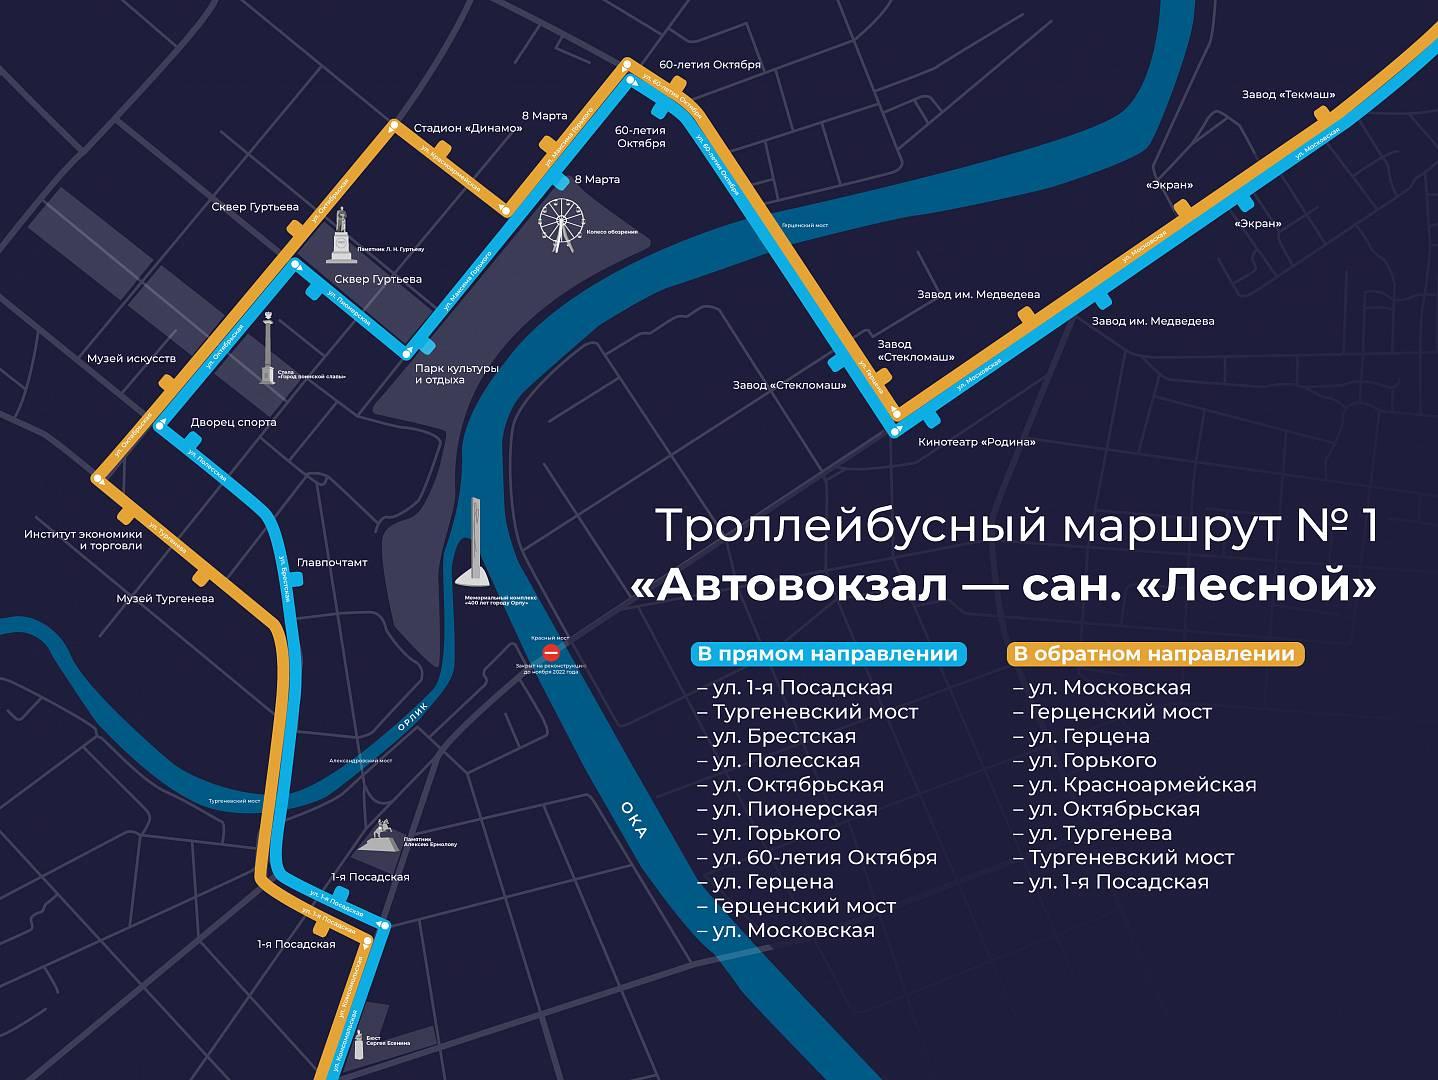 1_trolleybus